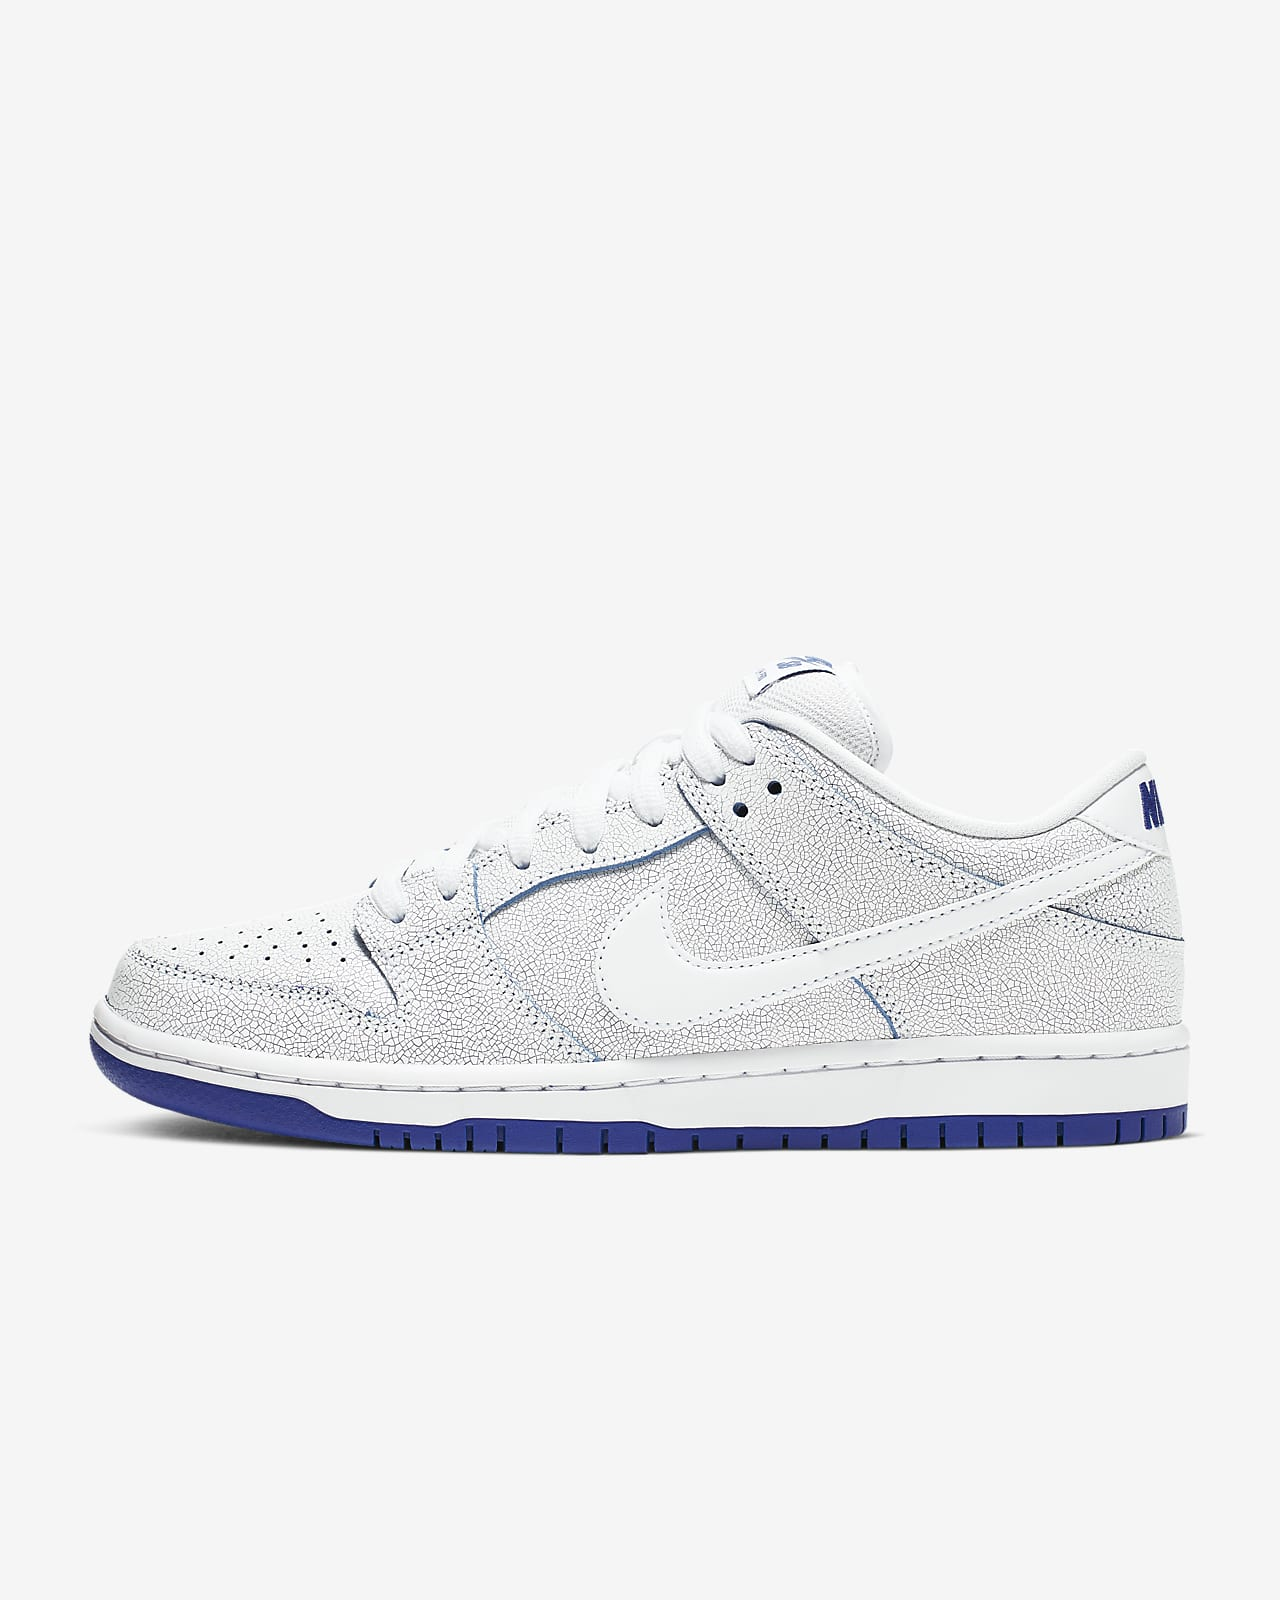 Nike SB Dunk Low Pro PRM男/女运动鞋